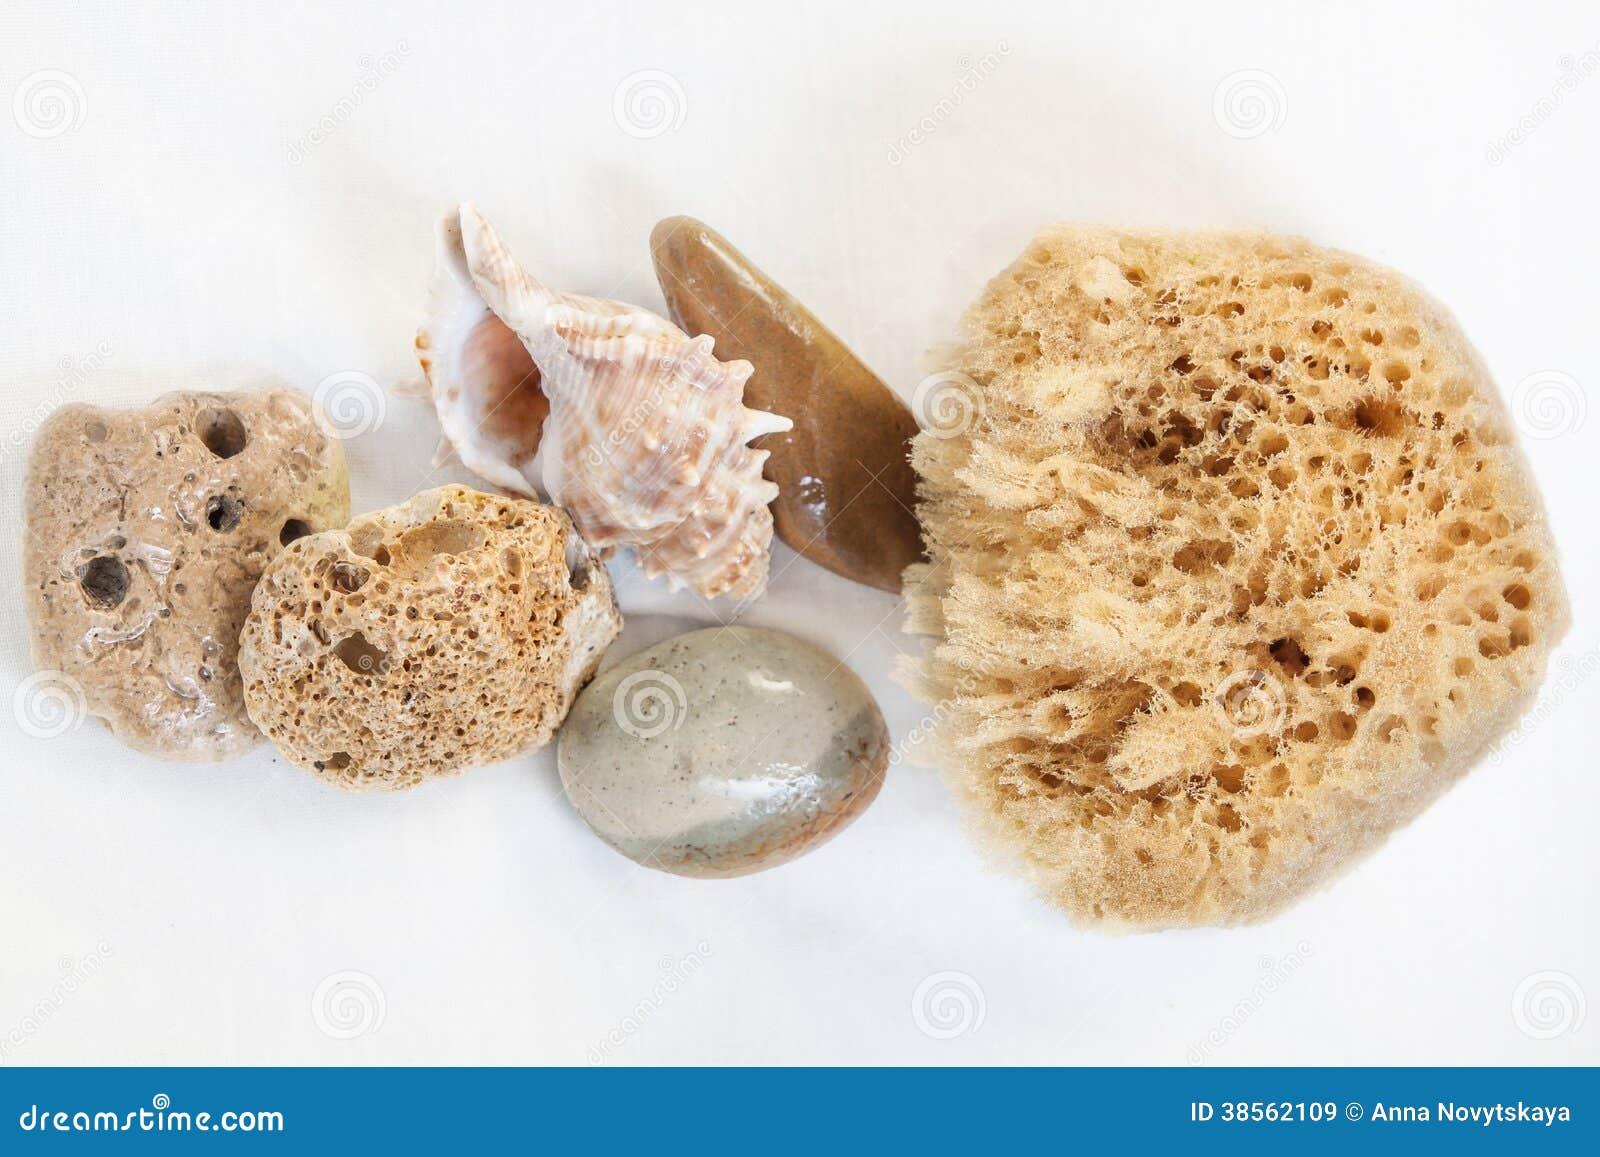 Esponja para ba arse piedra p mez piedras del mar del for Objetos para banarse